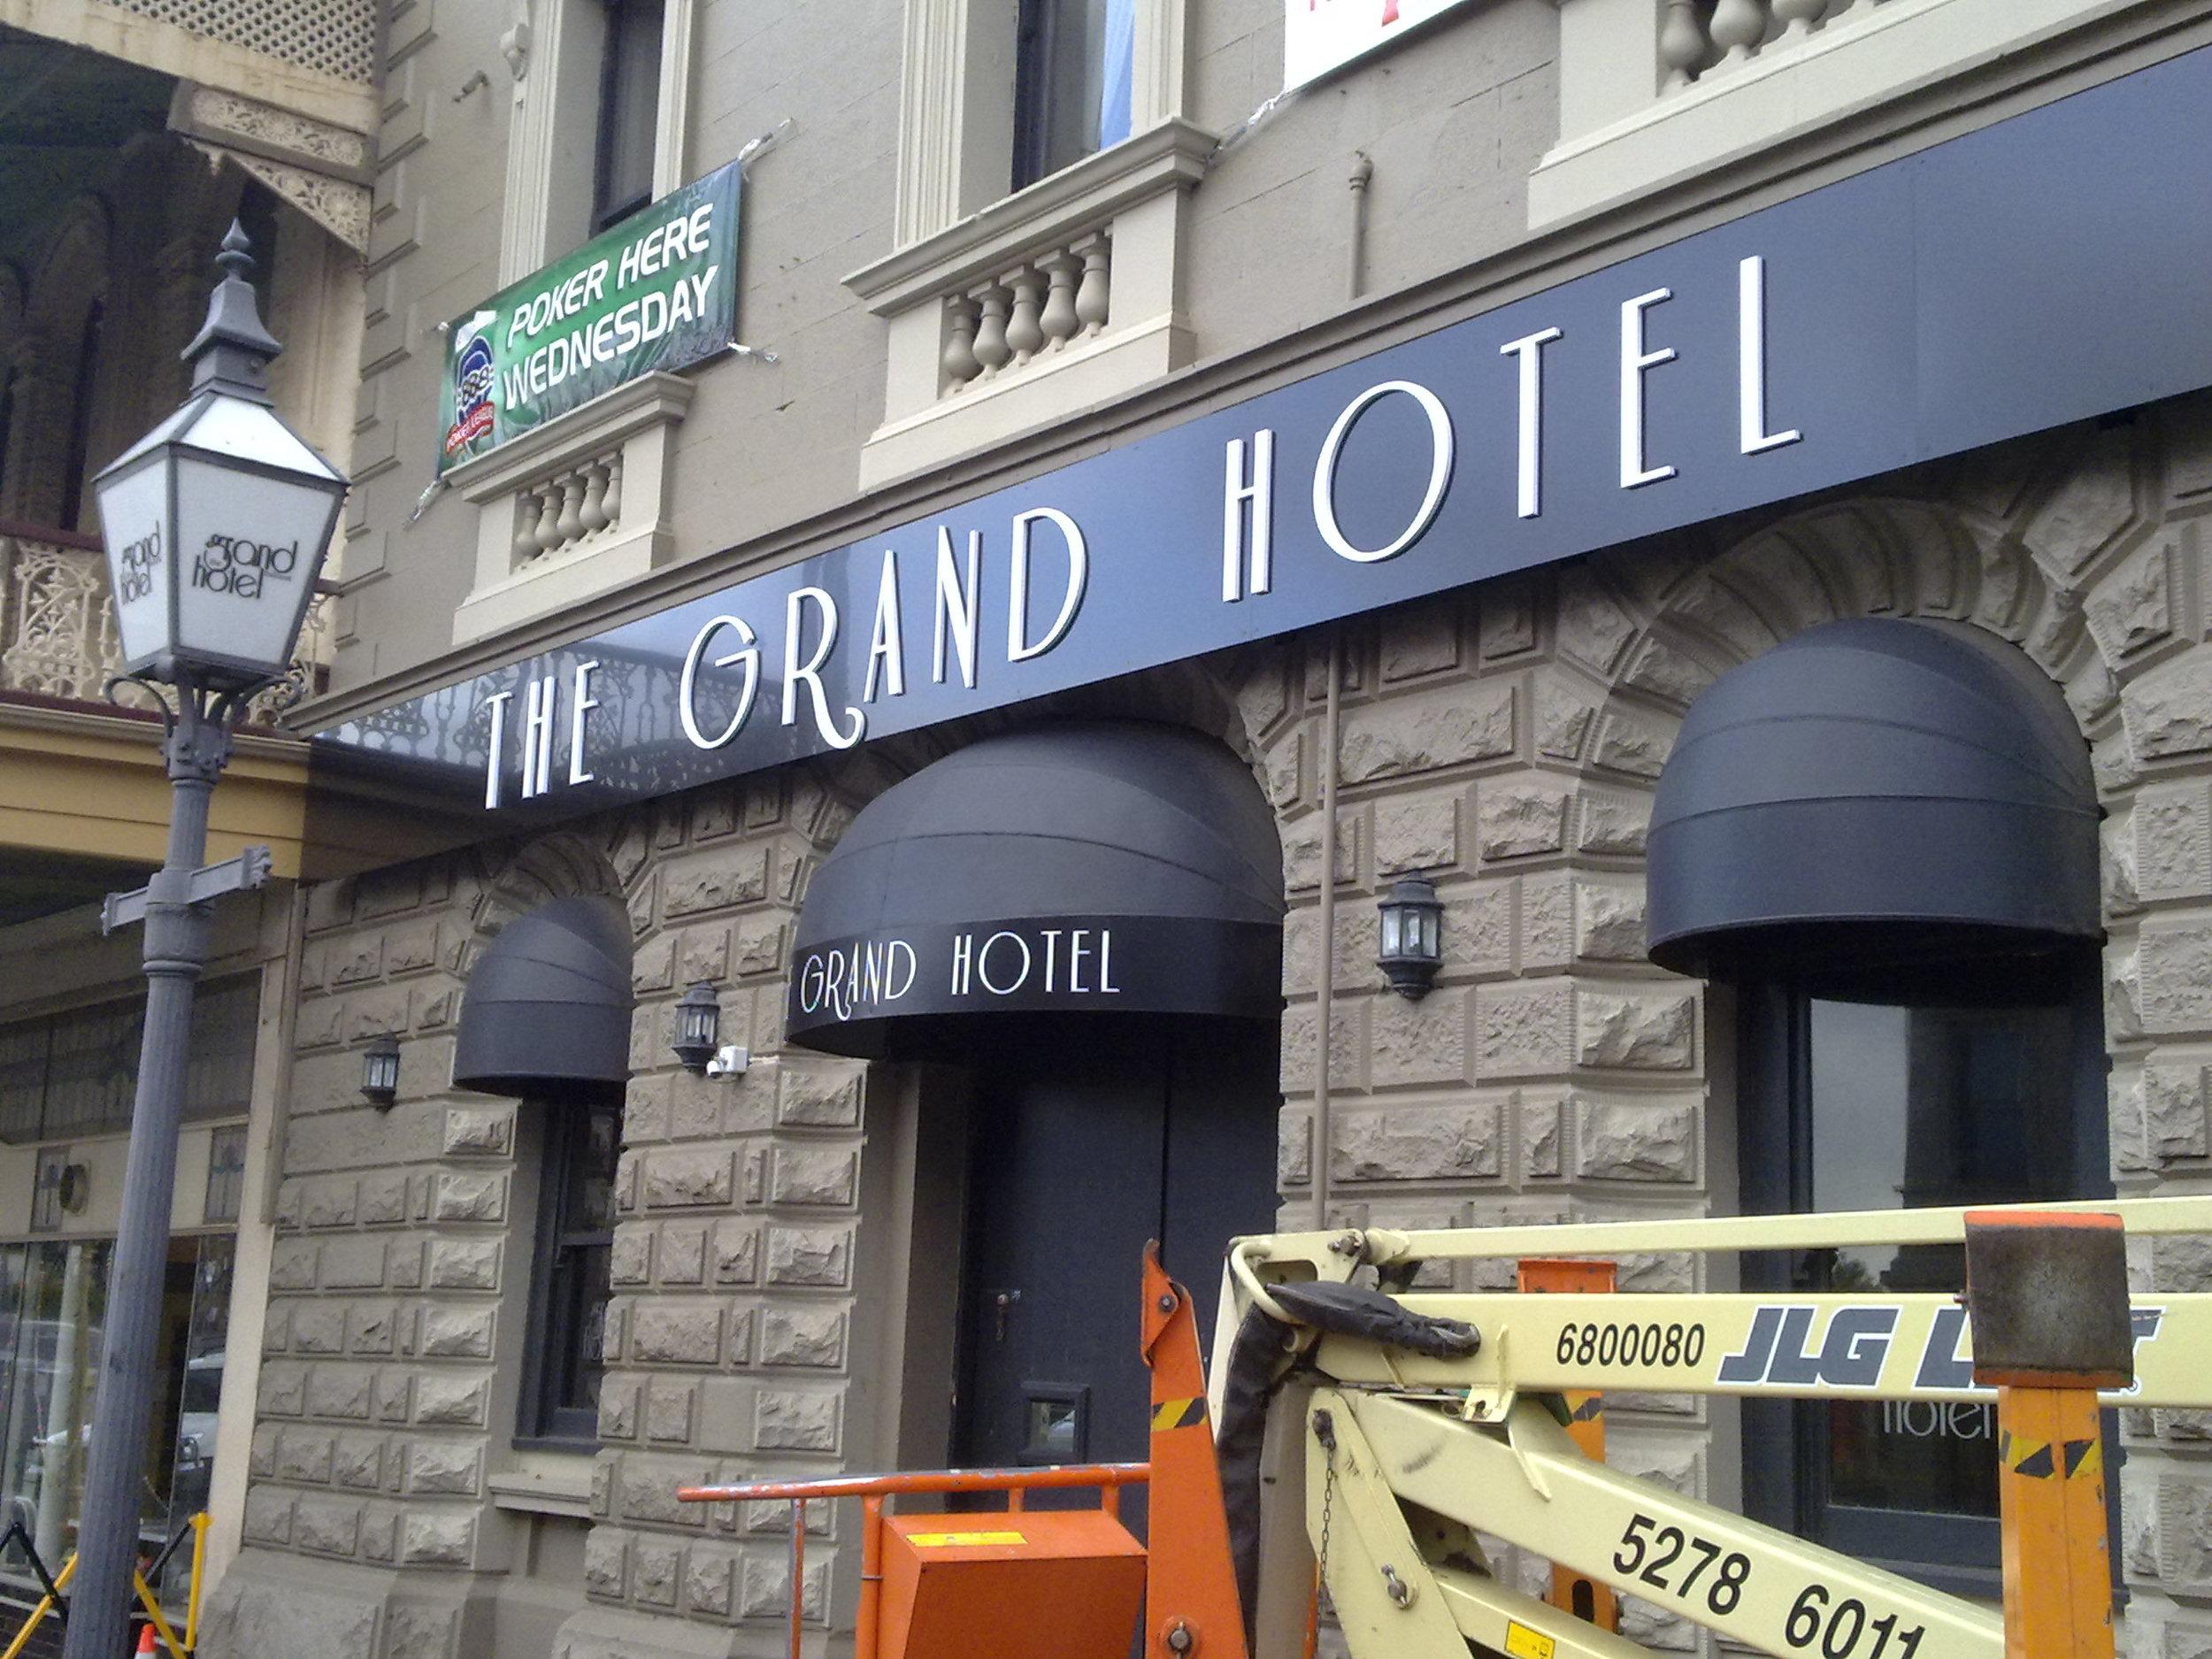 Grand Hotel Signs Geelong.jpg